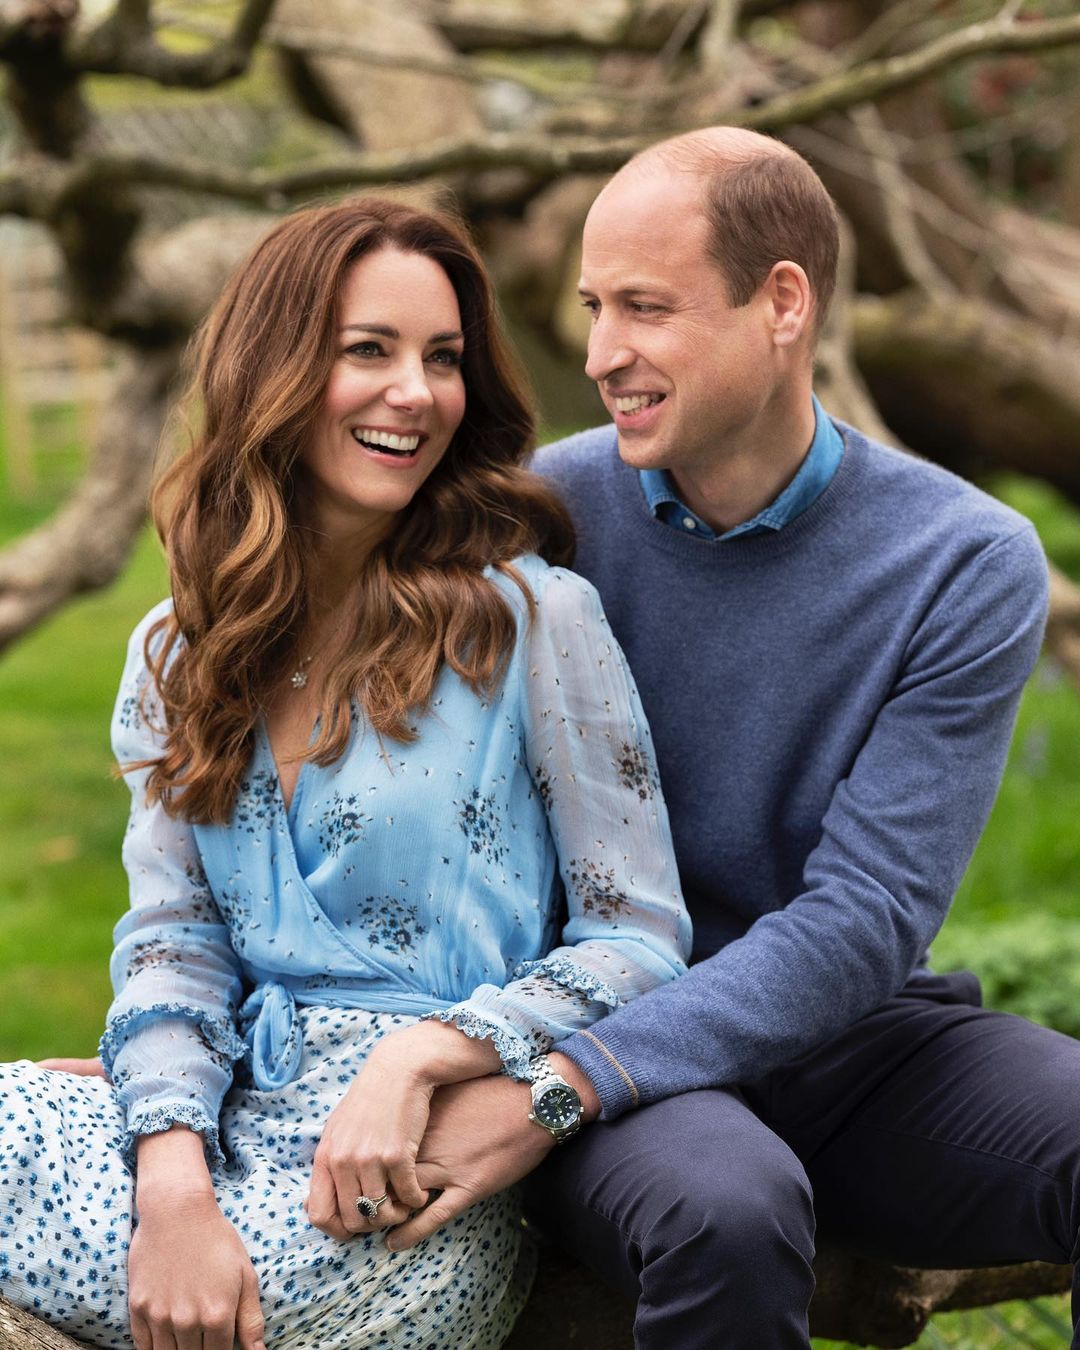 الأمير ويليام وكيت ميدلتون بعد مرور عقد على زواجهما سعيدان أكثر من أي وقت مضى-الصورة من أنستغرام